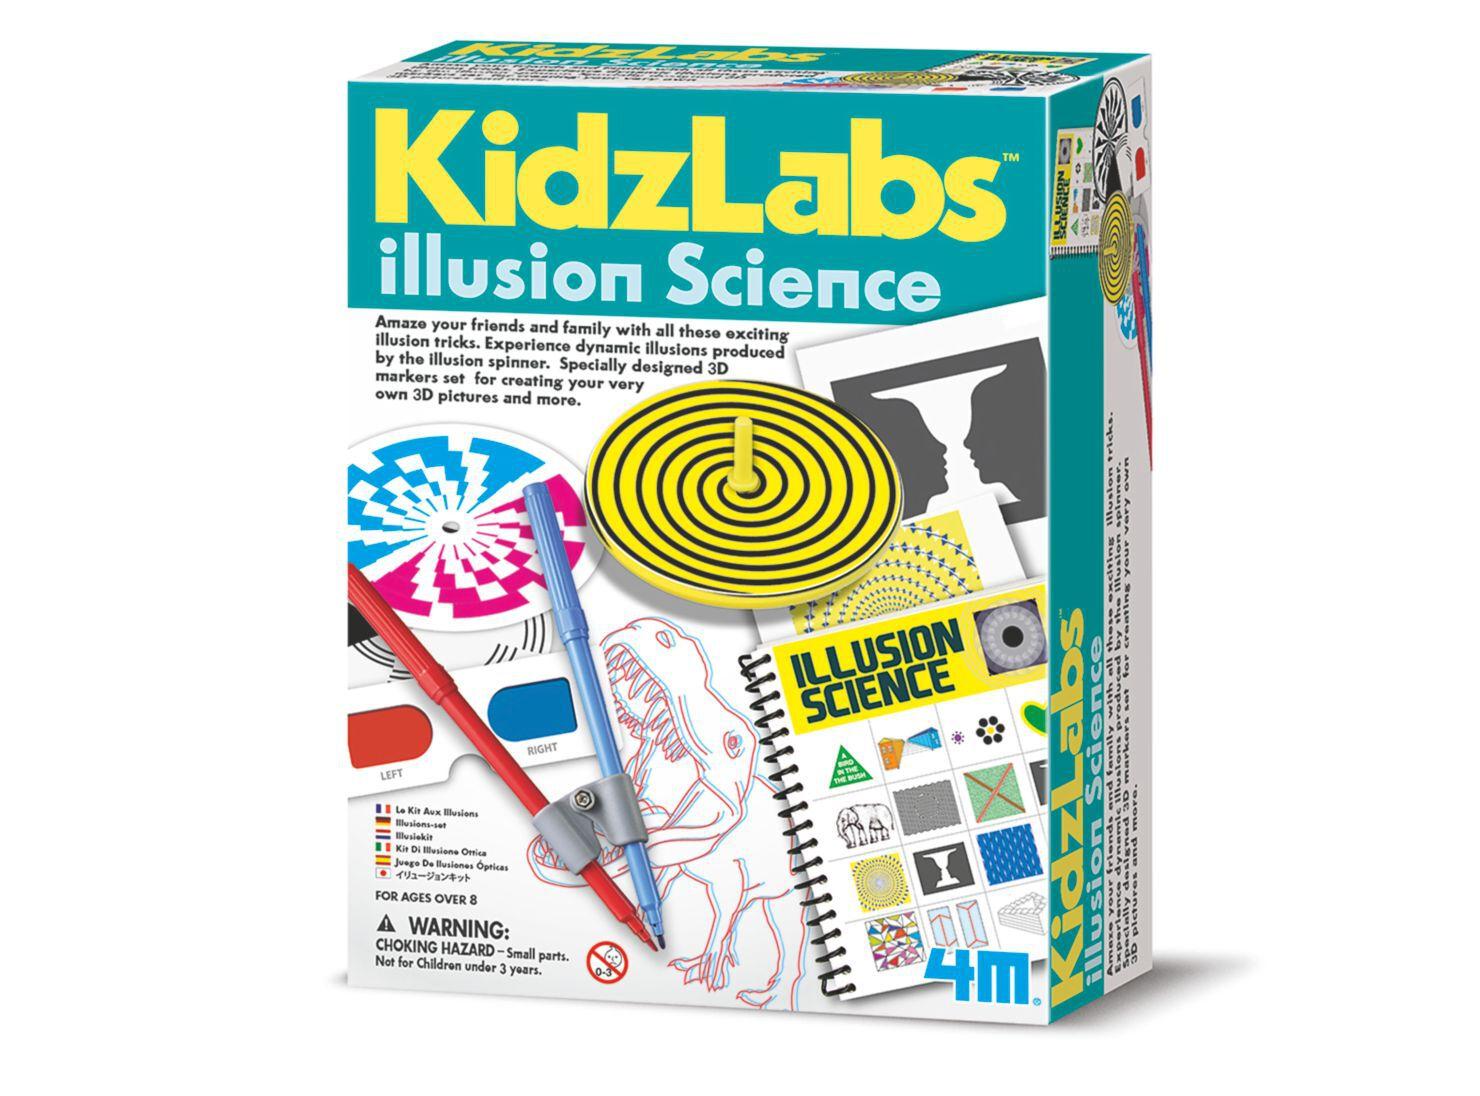 De Ciencia Juguetes Para NiñasParis Laboratorio Ilusión Otros 4m En 6IbfygvY7